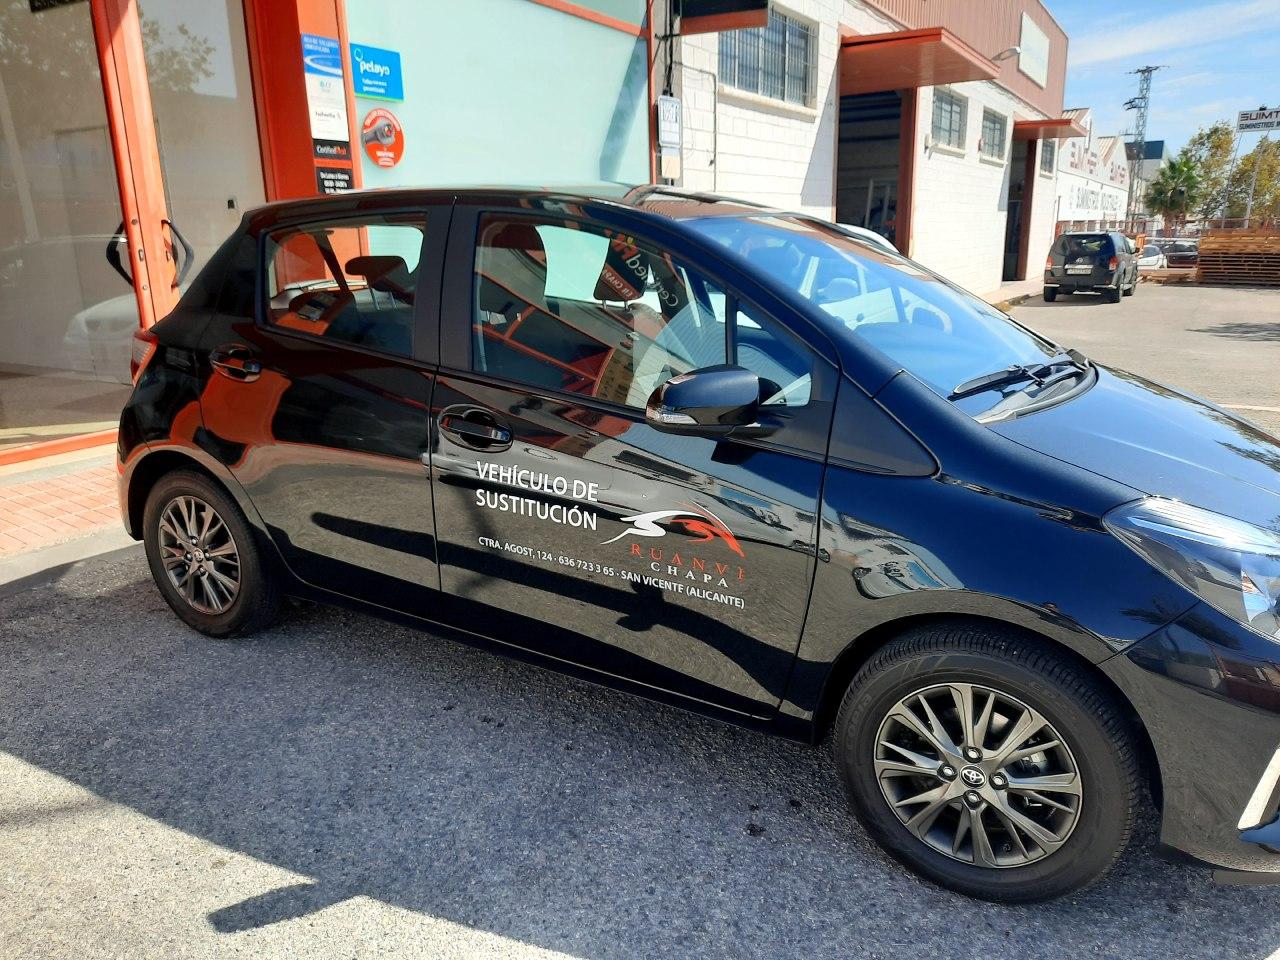 servicio-vehiculo-sustitucion-www.ruanvi.es-taller-especializado-chapa-y-pintura-san-vicente-del-raspeig